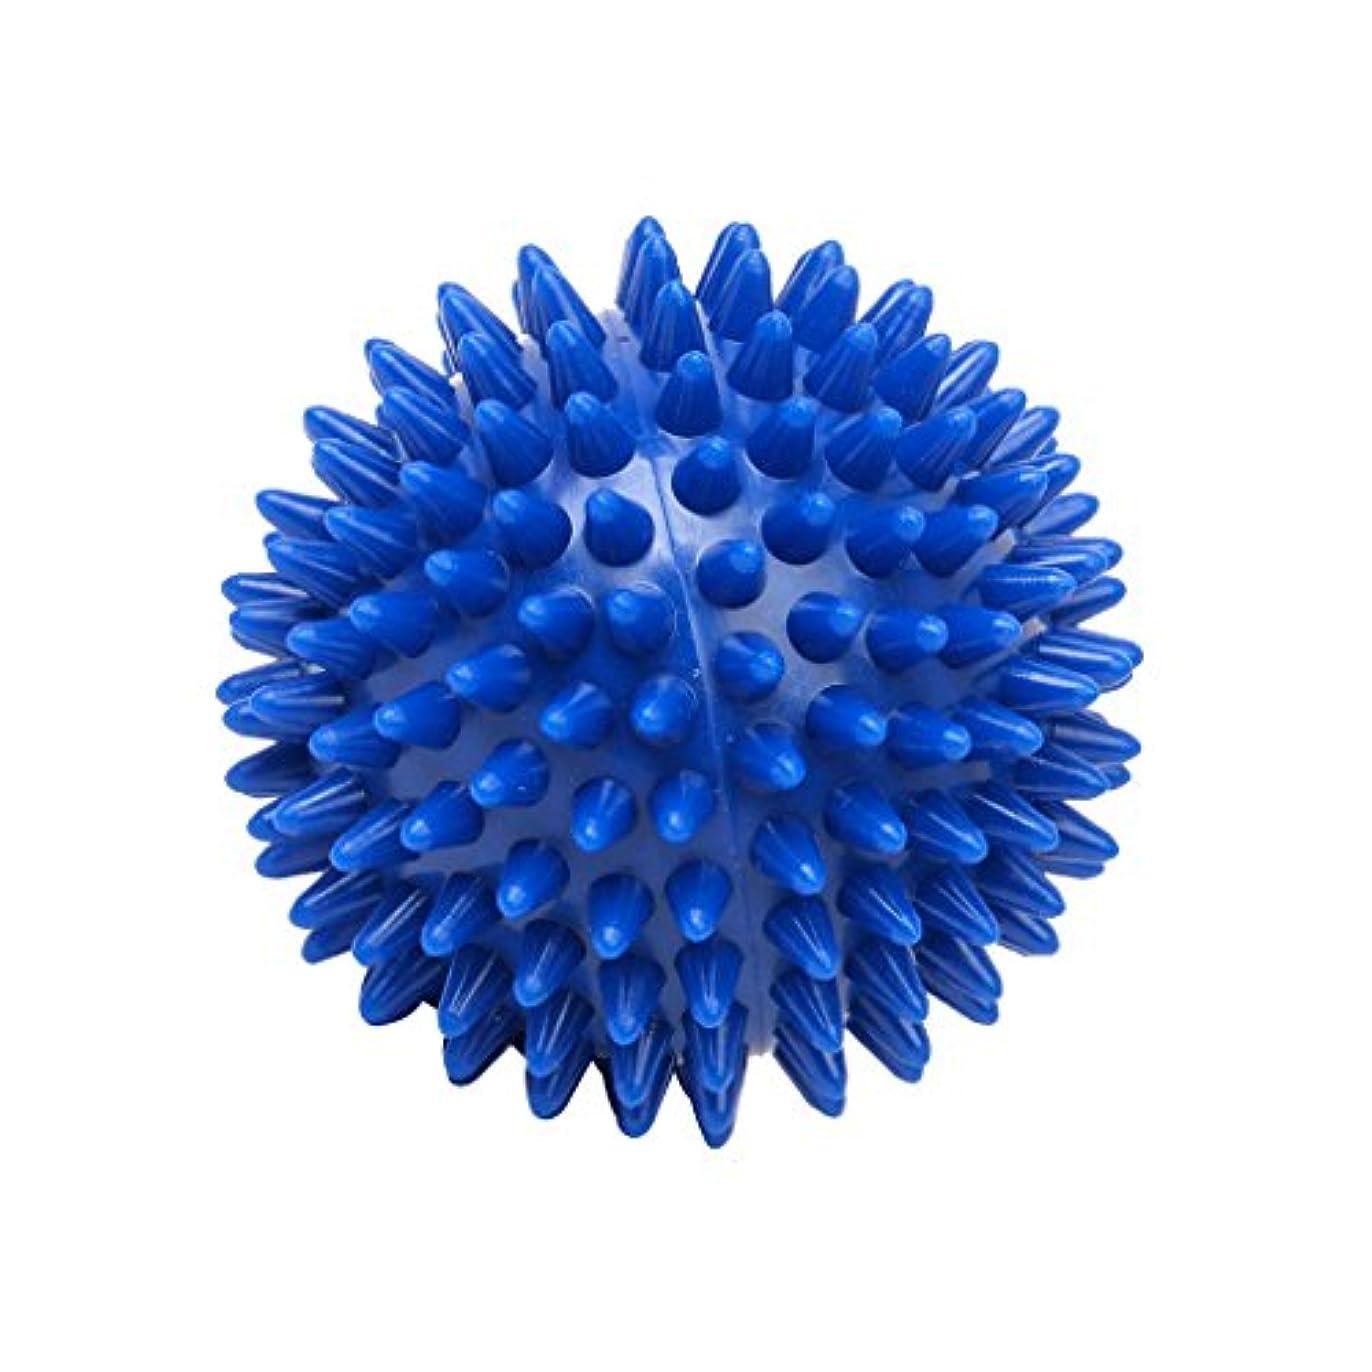 一定剃るスーツFootful マッサージボール 健康グッズ 健康器具 血液循環促進 緊張緩和 7cm ブルー